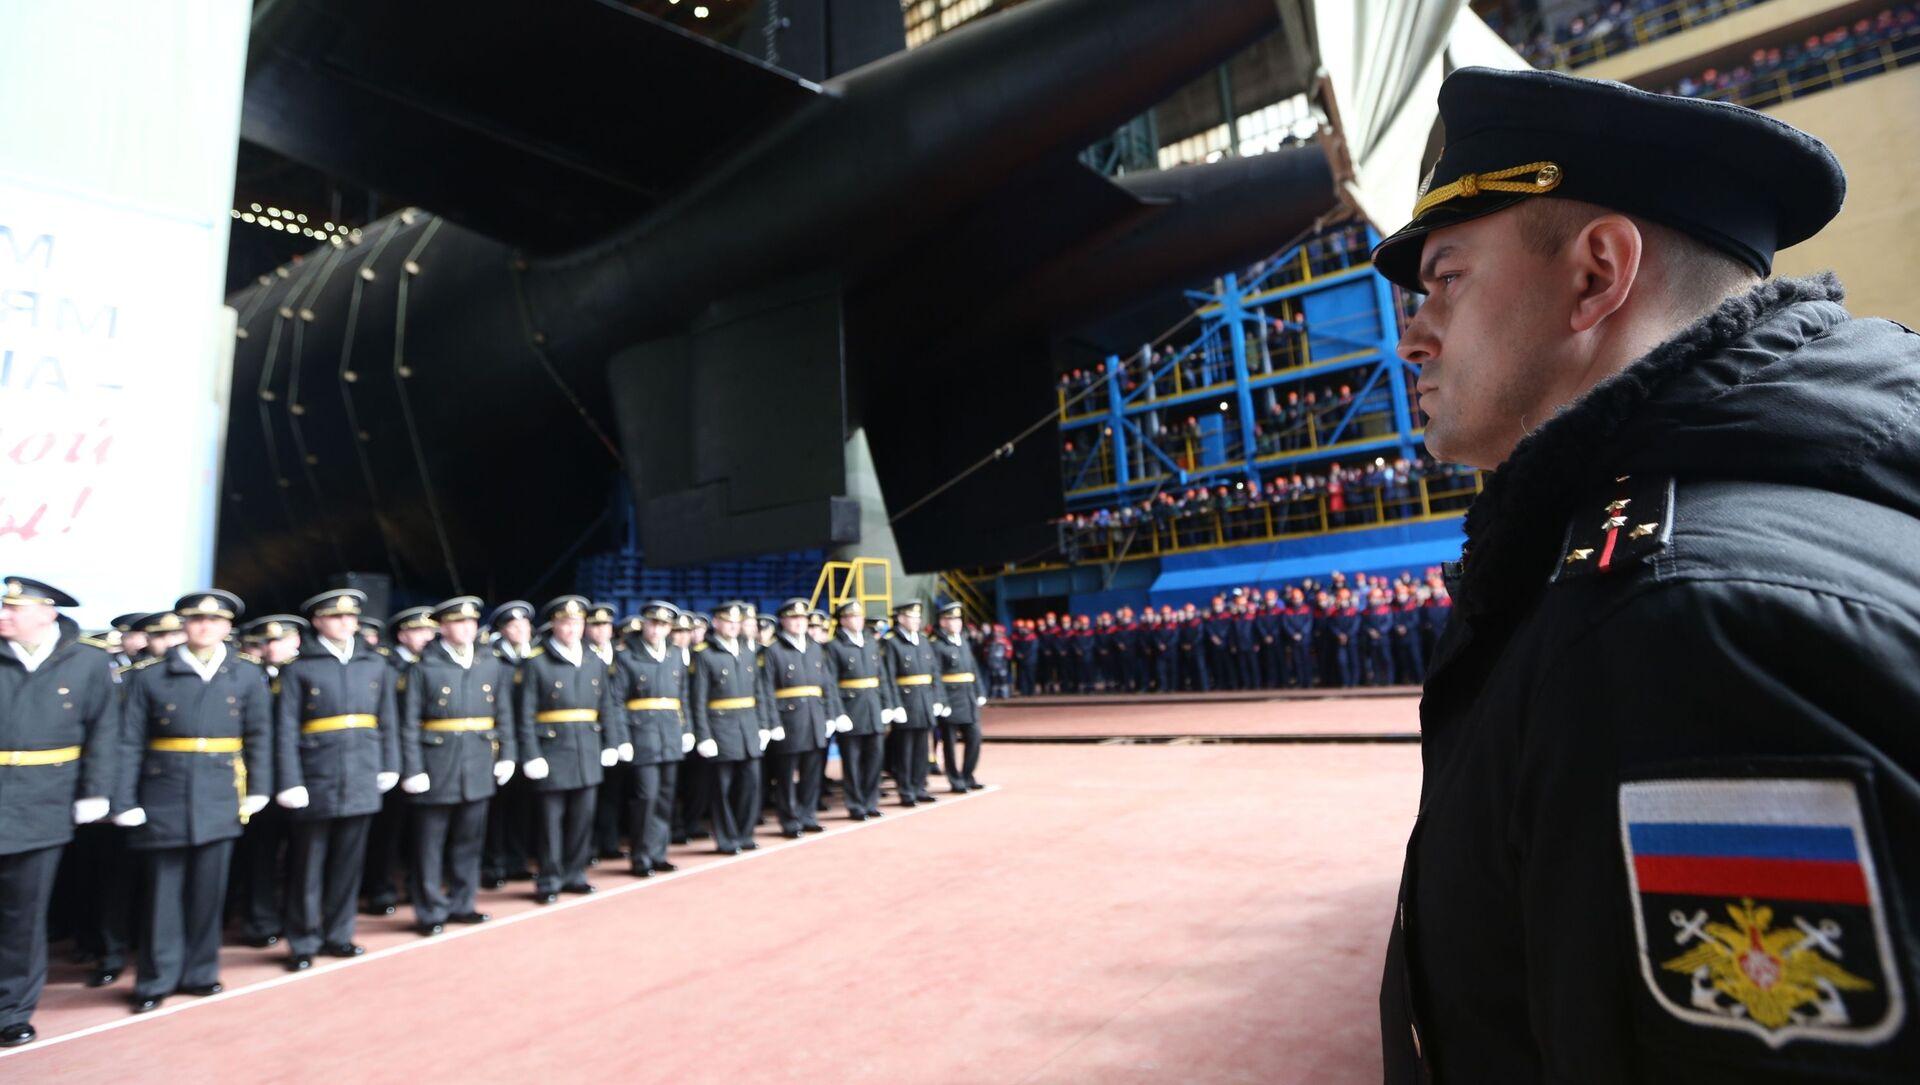 Hạ thủy tàu ngầm hạt nhân Belgorod ở vùng Arkhangelsk - Sputnik Việt Nam, 1920, 05.04.2021